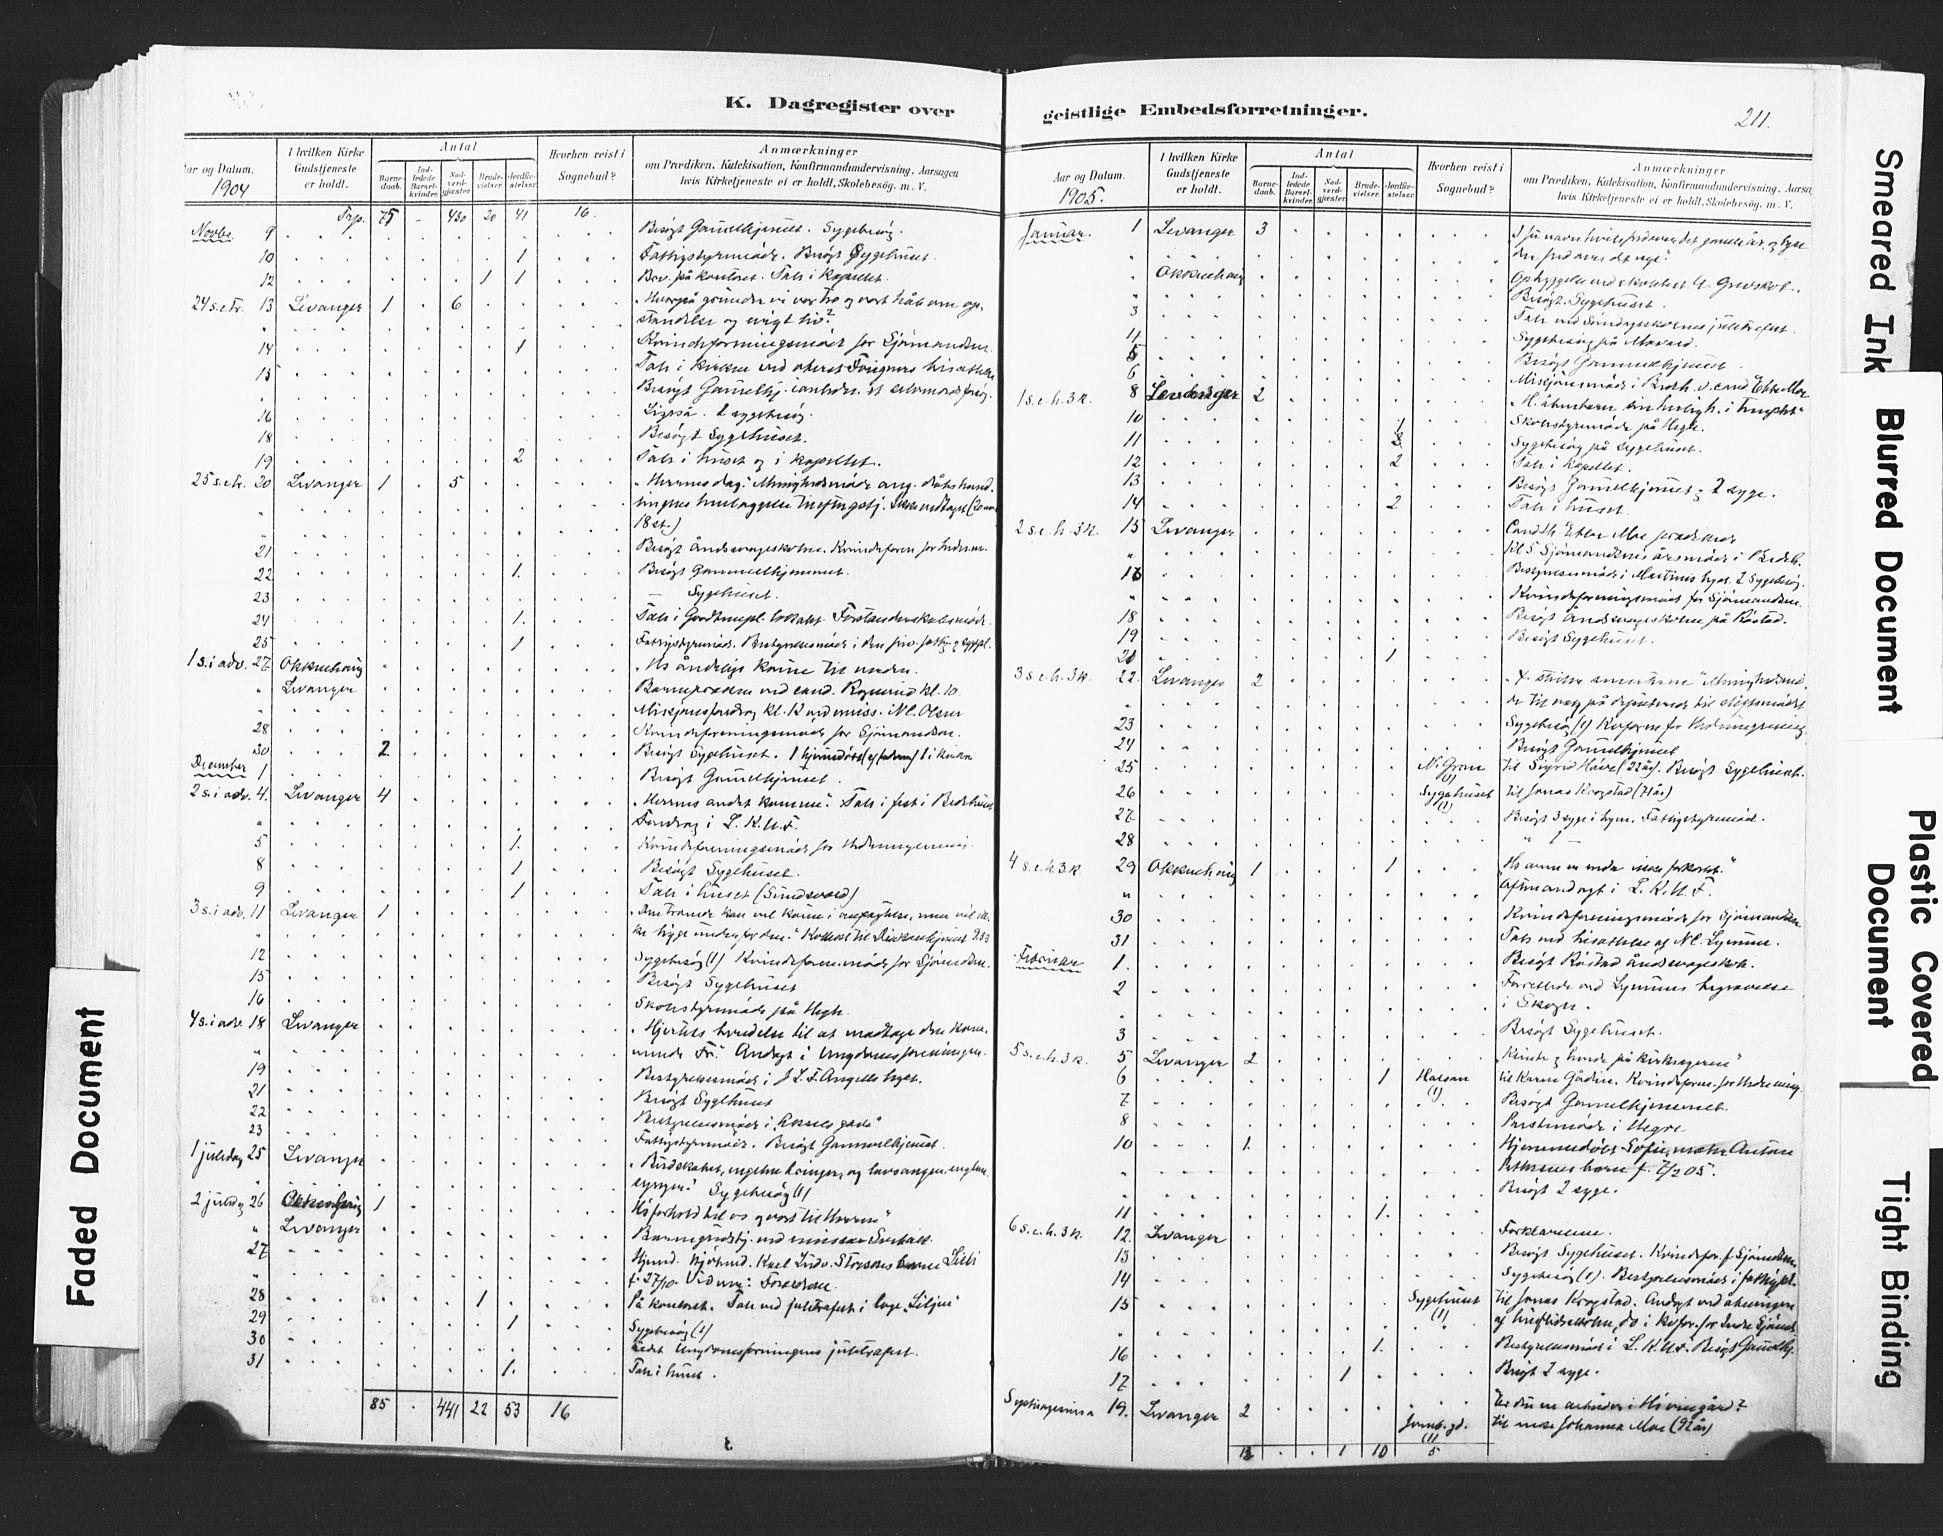 SAT, Ministerialprotokoller, klokkerbøker og fødselsregistre - Nord-Trøndelag, 720/L0189: Ministerialbok nr. 720A05, 1880-1911, s. 211